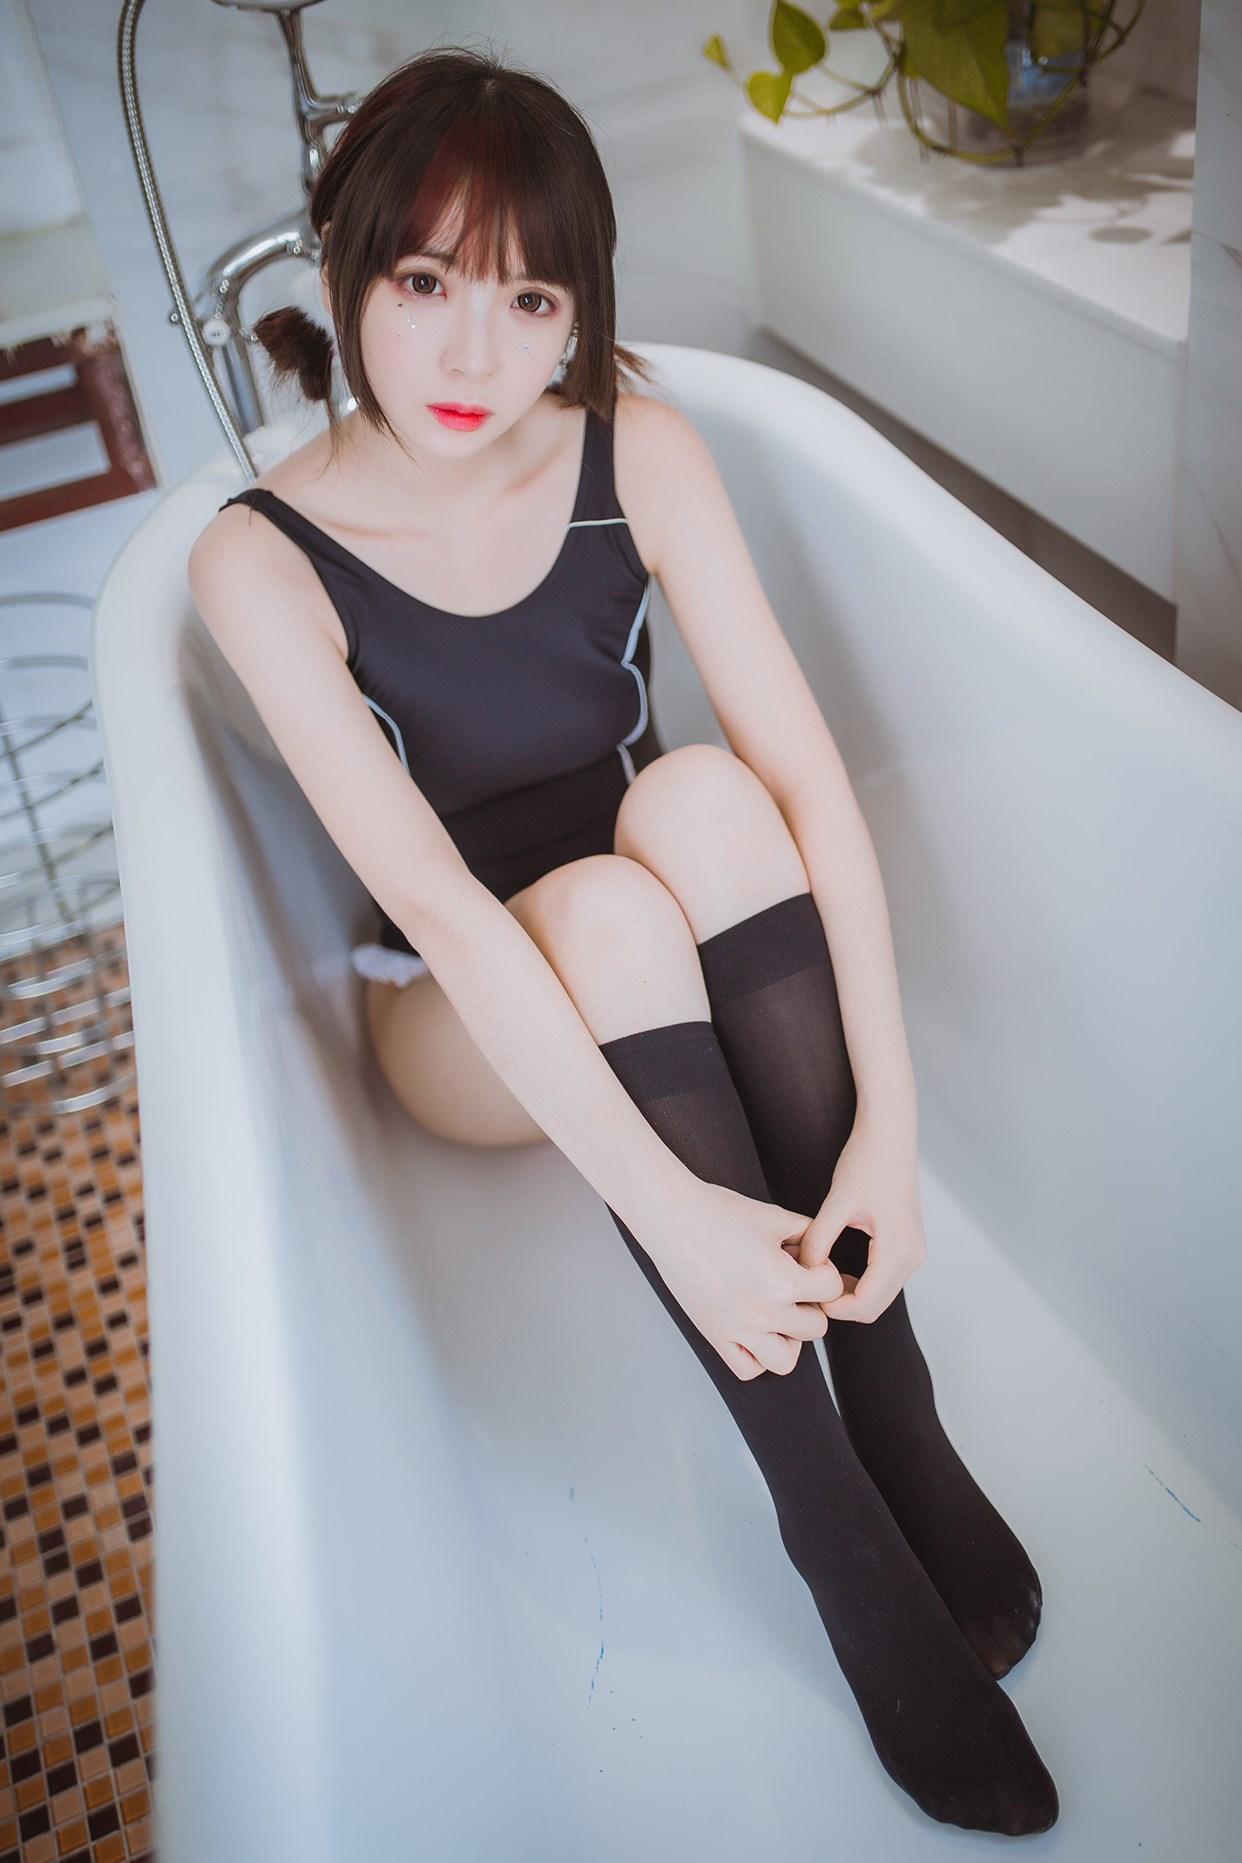 【兔玩映画】vol.04—萌猫娘 兔玩映画 第9张